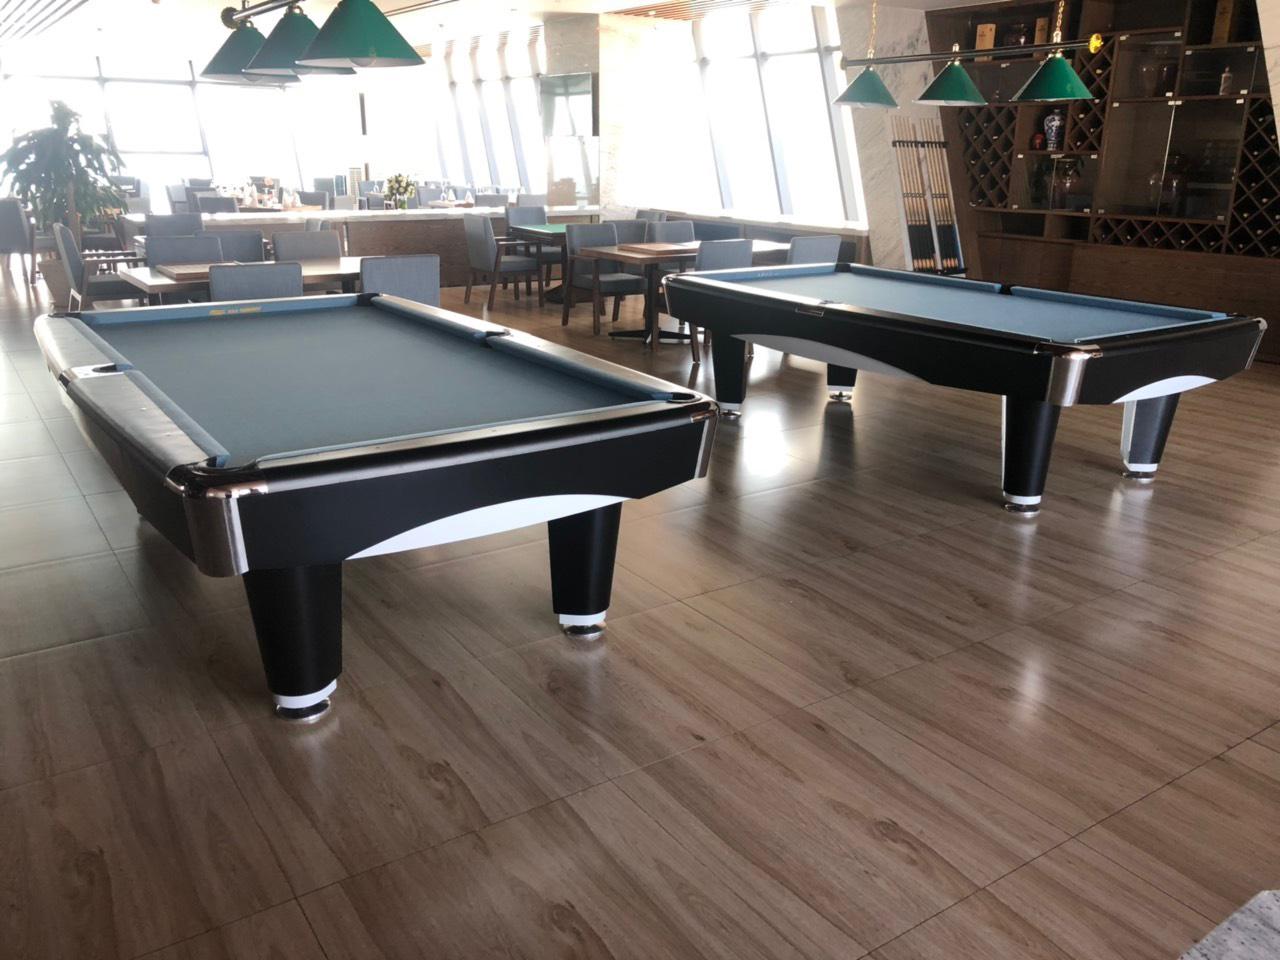 Billiards Hoàn Thúy lắp đặt 2 bàn 9017 liên doanh Taiwan tại TP Nha Trang, Khánh Hoà